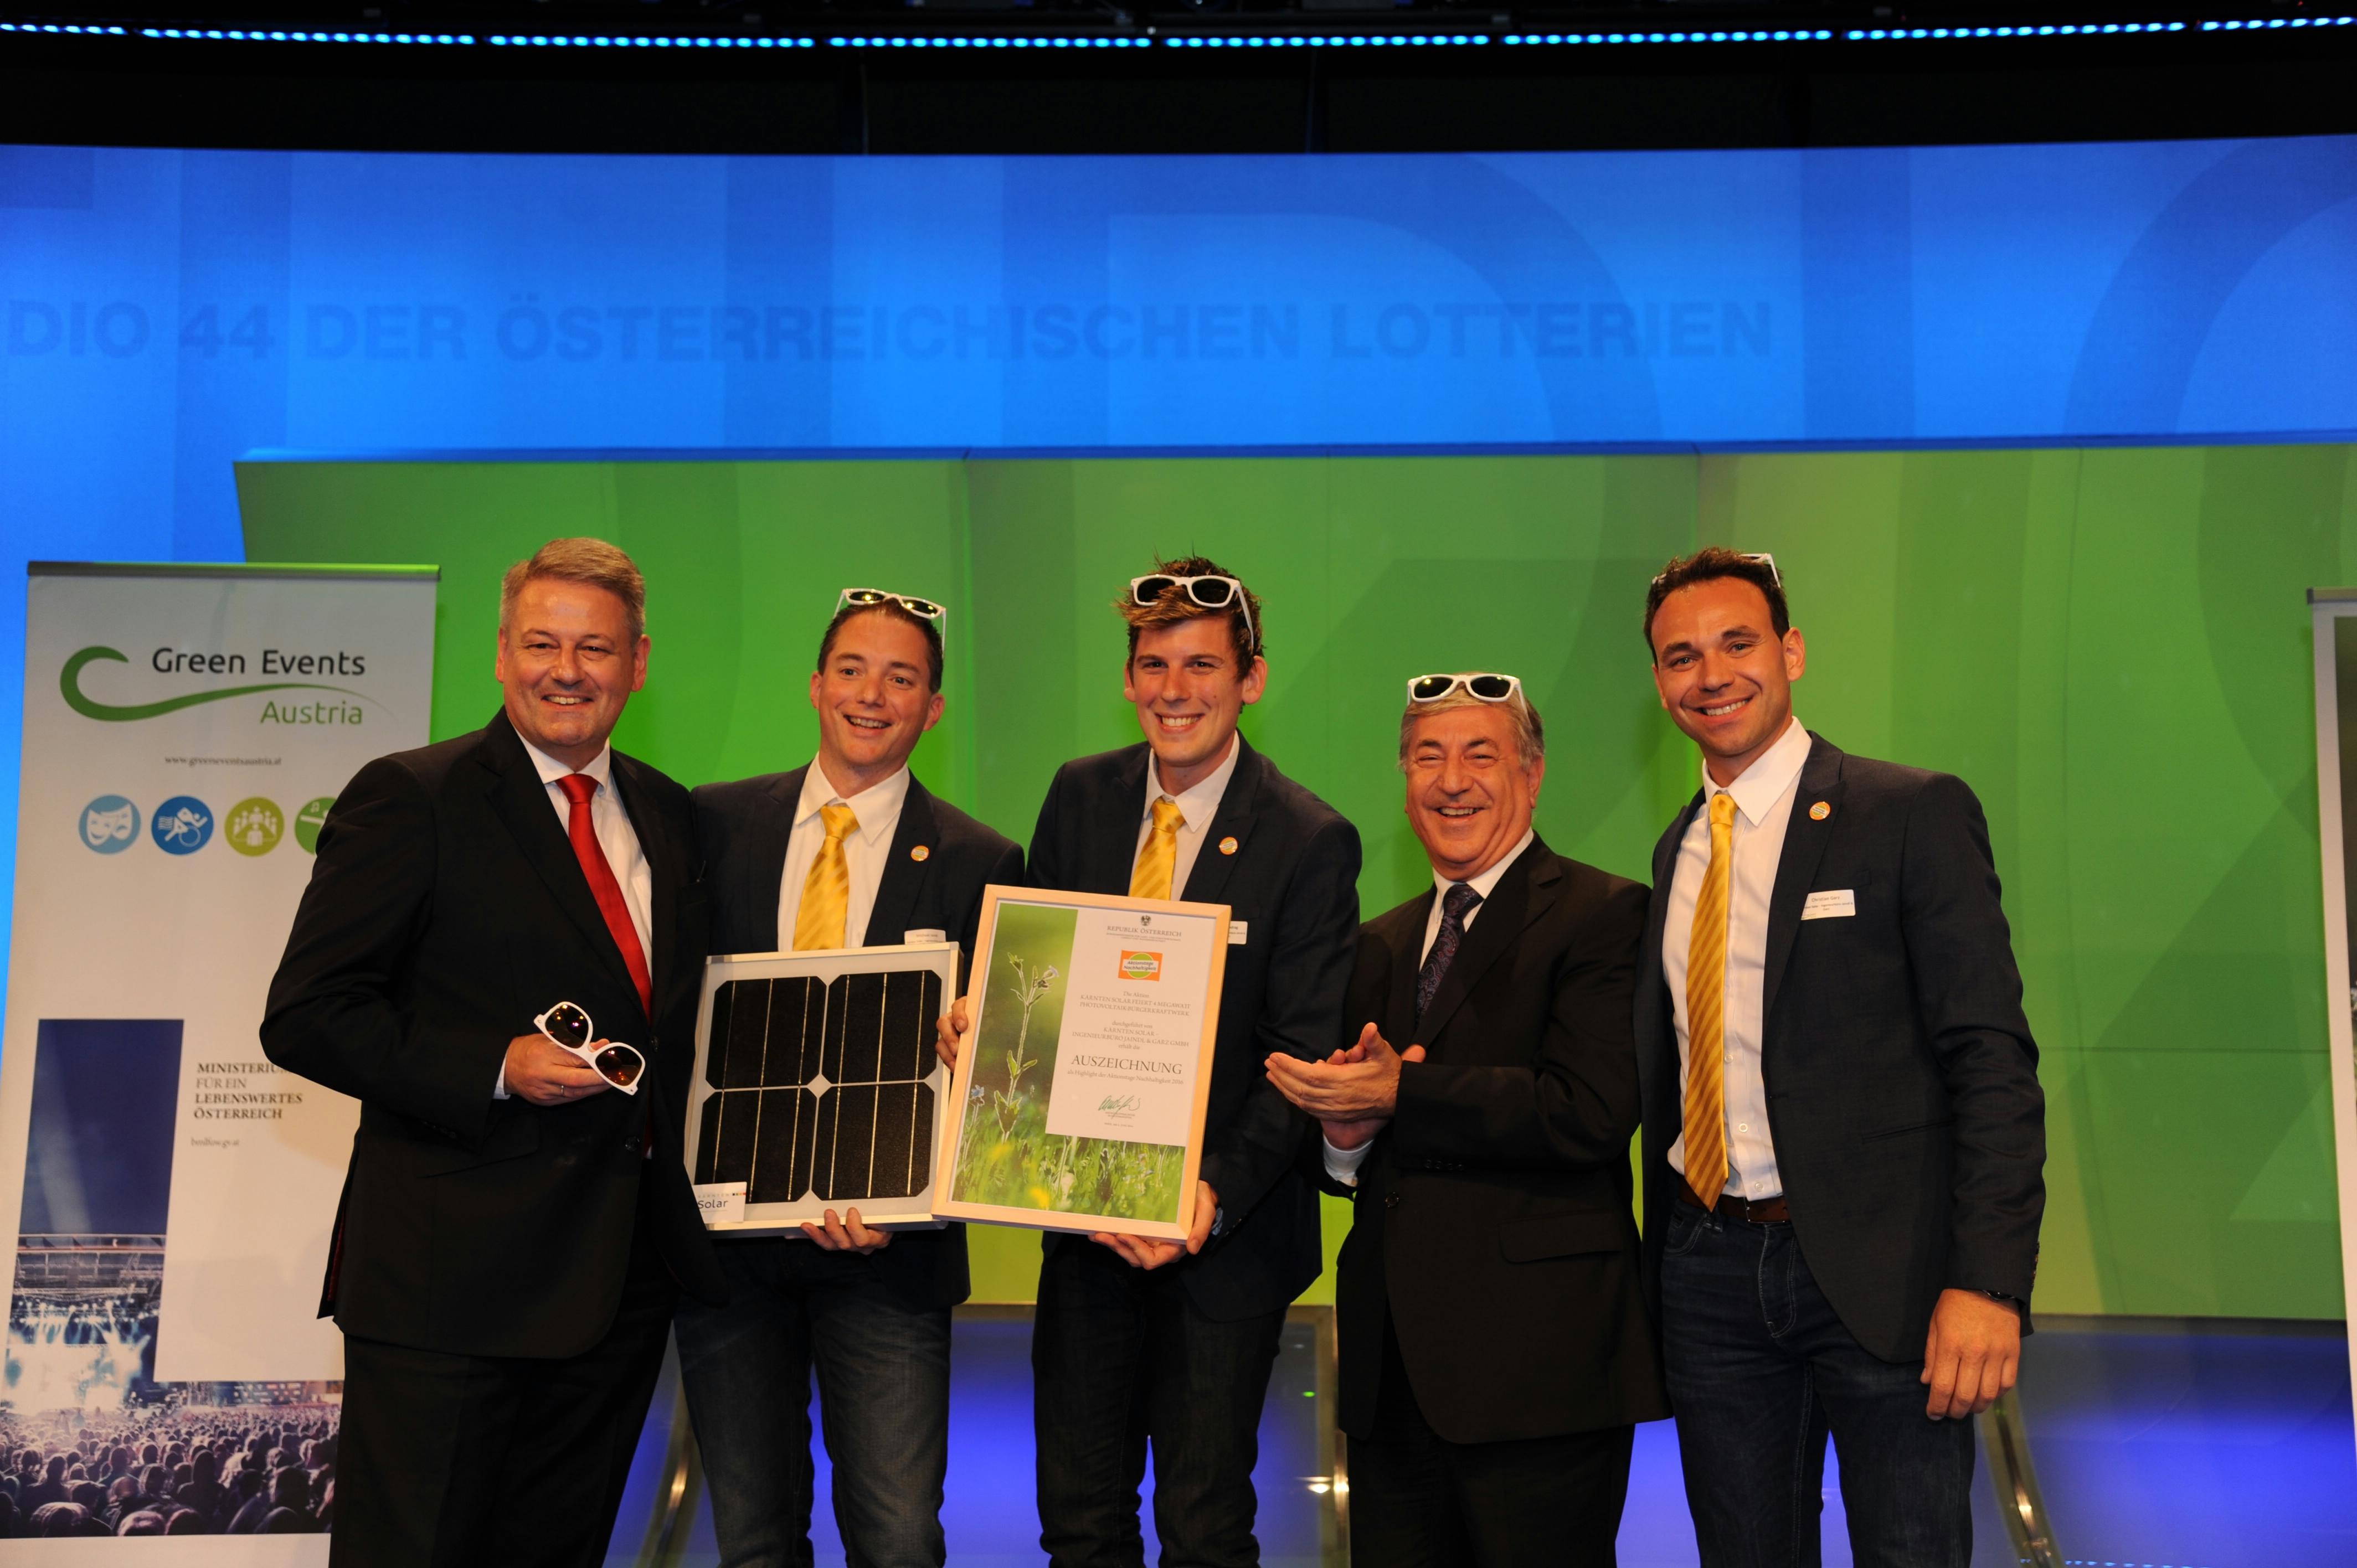 Die Top 4 Aktionen aus dem Online-Voting der österreichweiten Initiative für nachhaltige Entwicklung werden von BM Rupprechter ausgezeichnet.